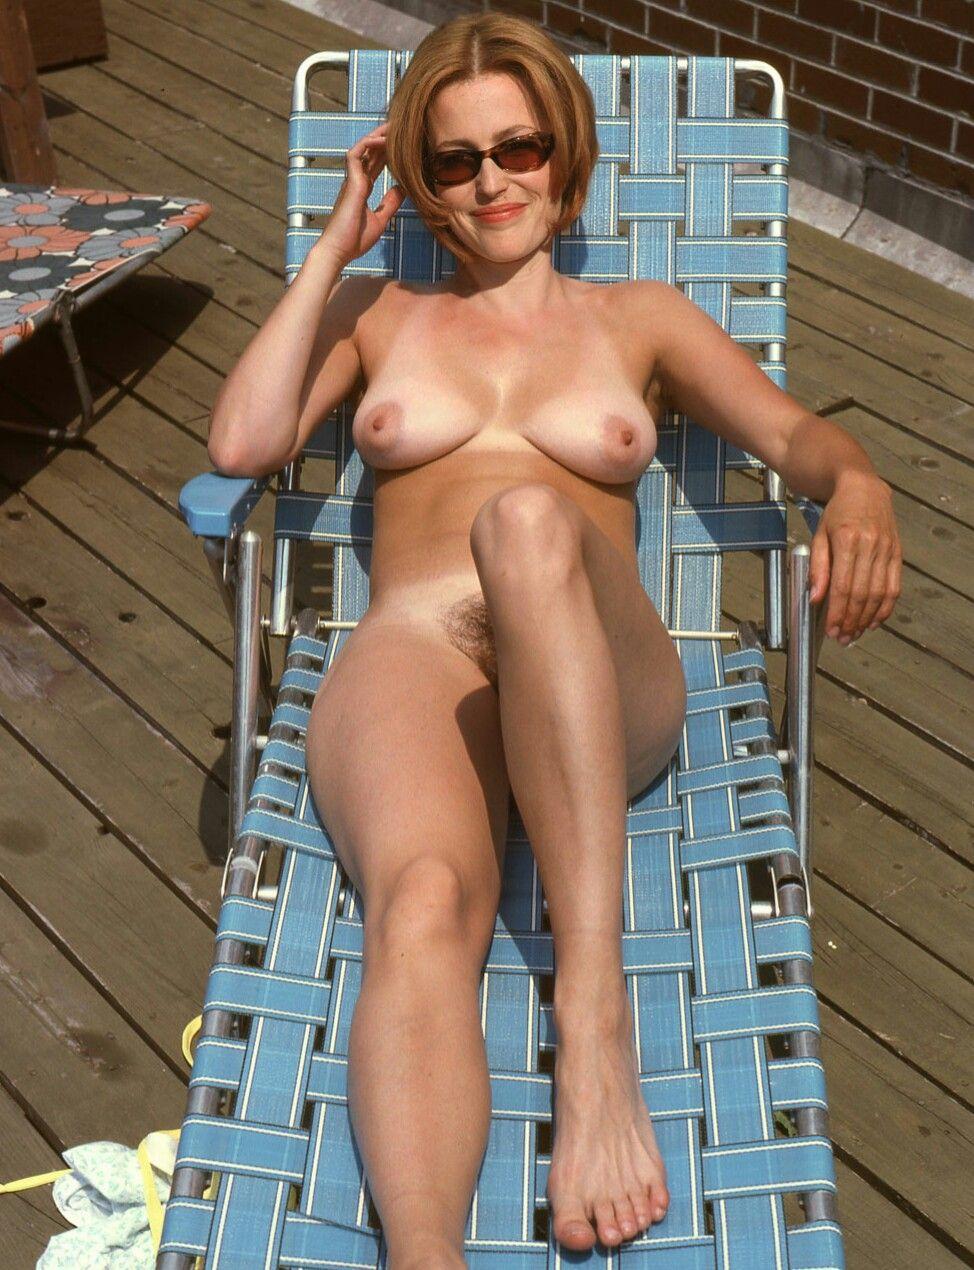 gillian photos Nude anderson